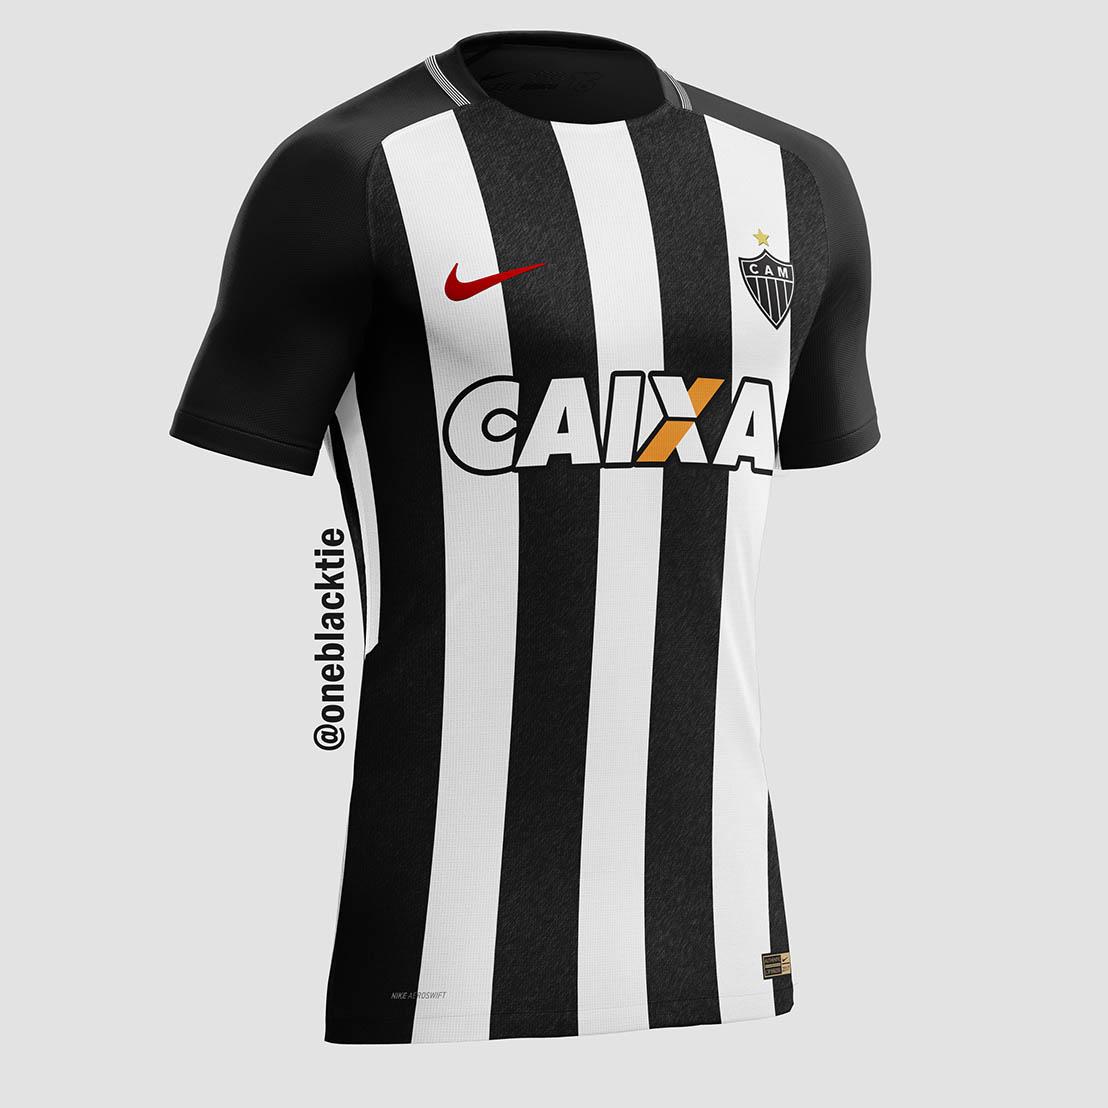 fe5dc4c4412df Designer cria camisas de clubes brasileiros inspiradas na Nike - Parte 01